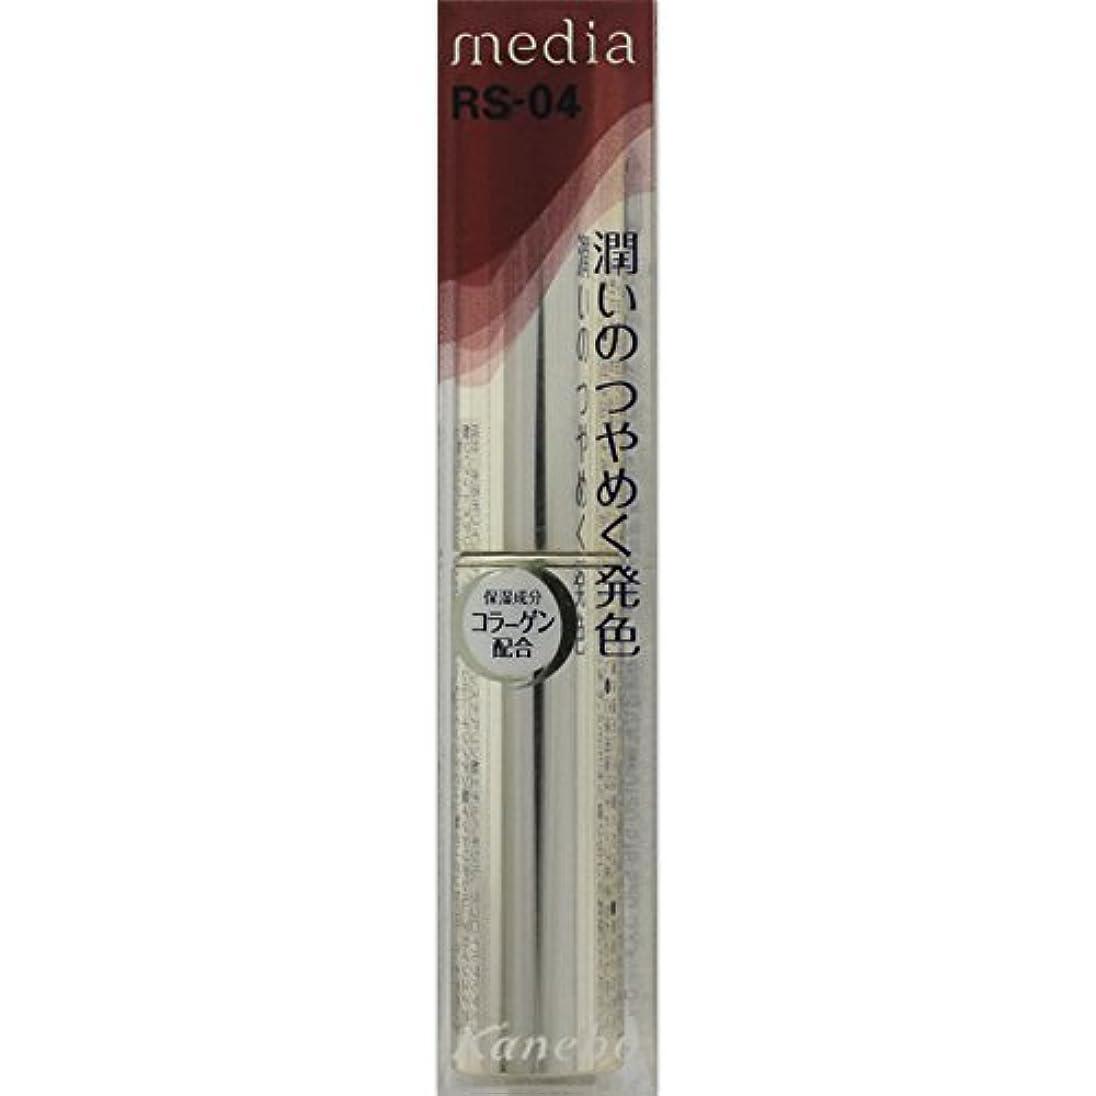 広く一般化するドラマカネボウ メディア(media)シャイニーエッセンスリップA カラー:RS-04